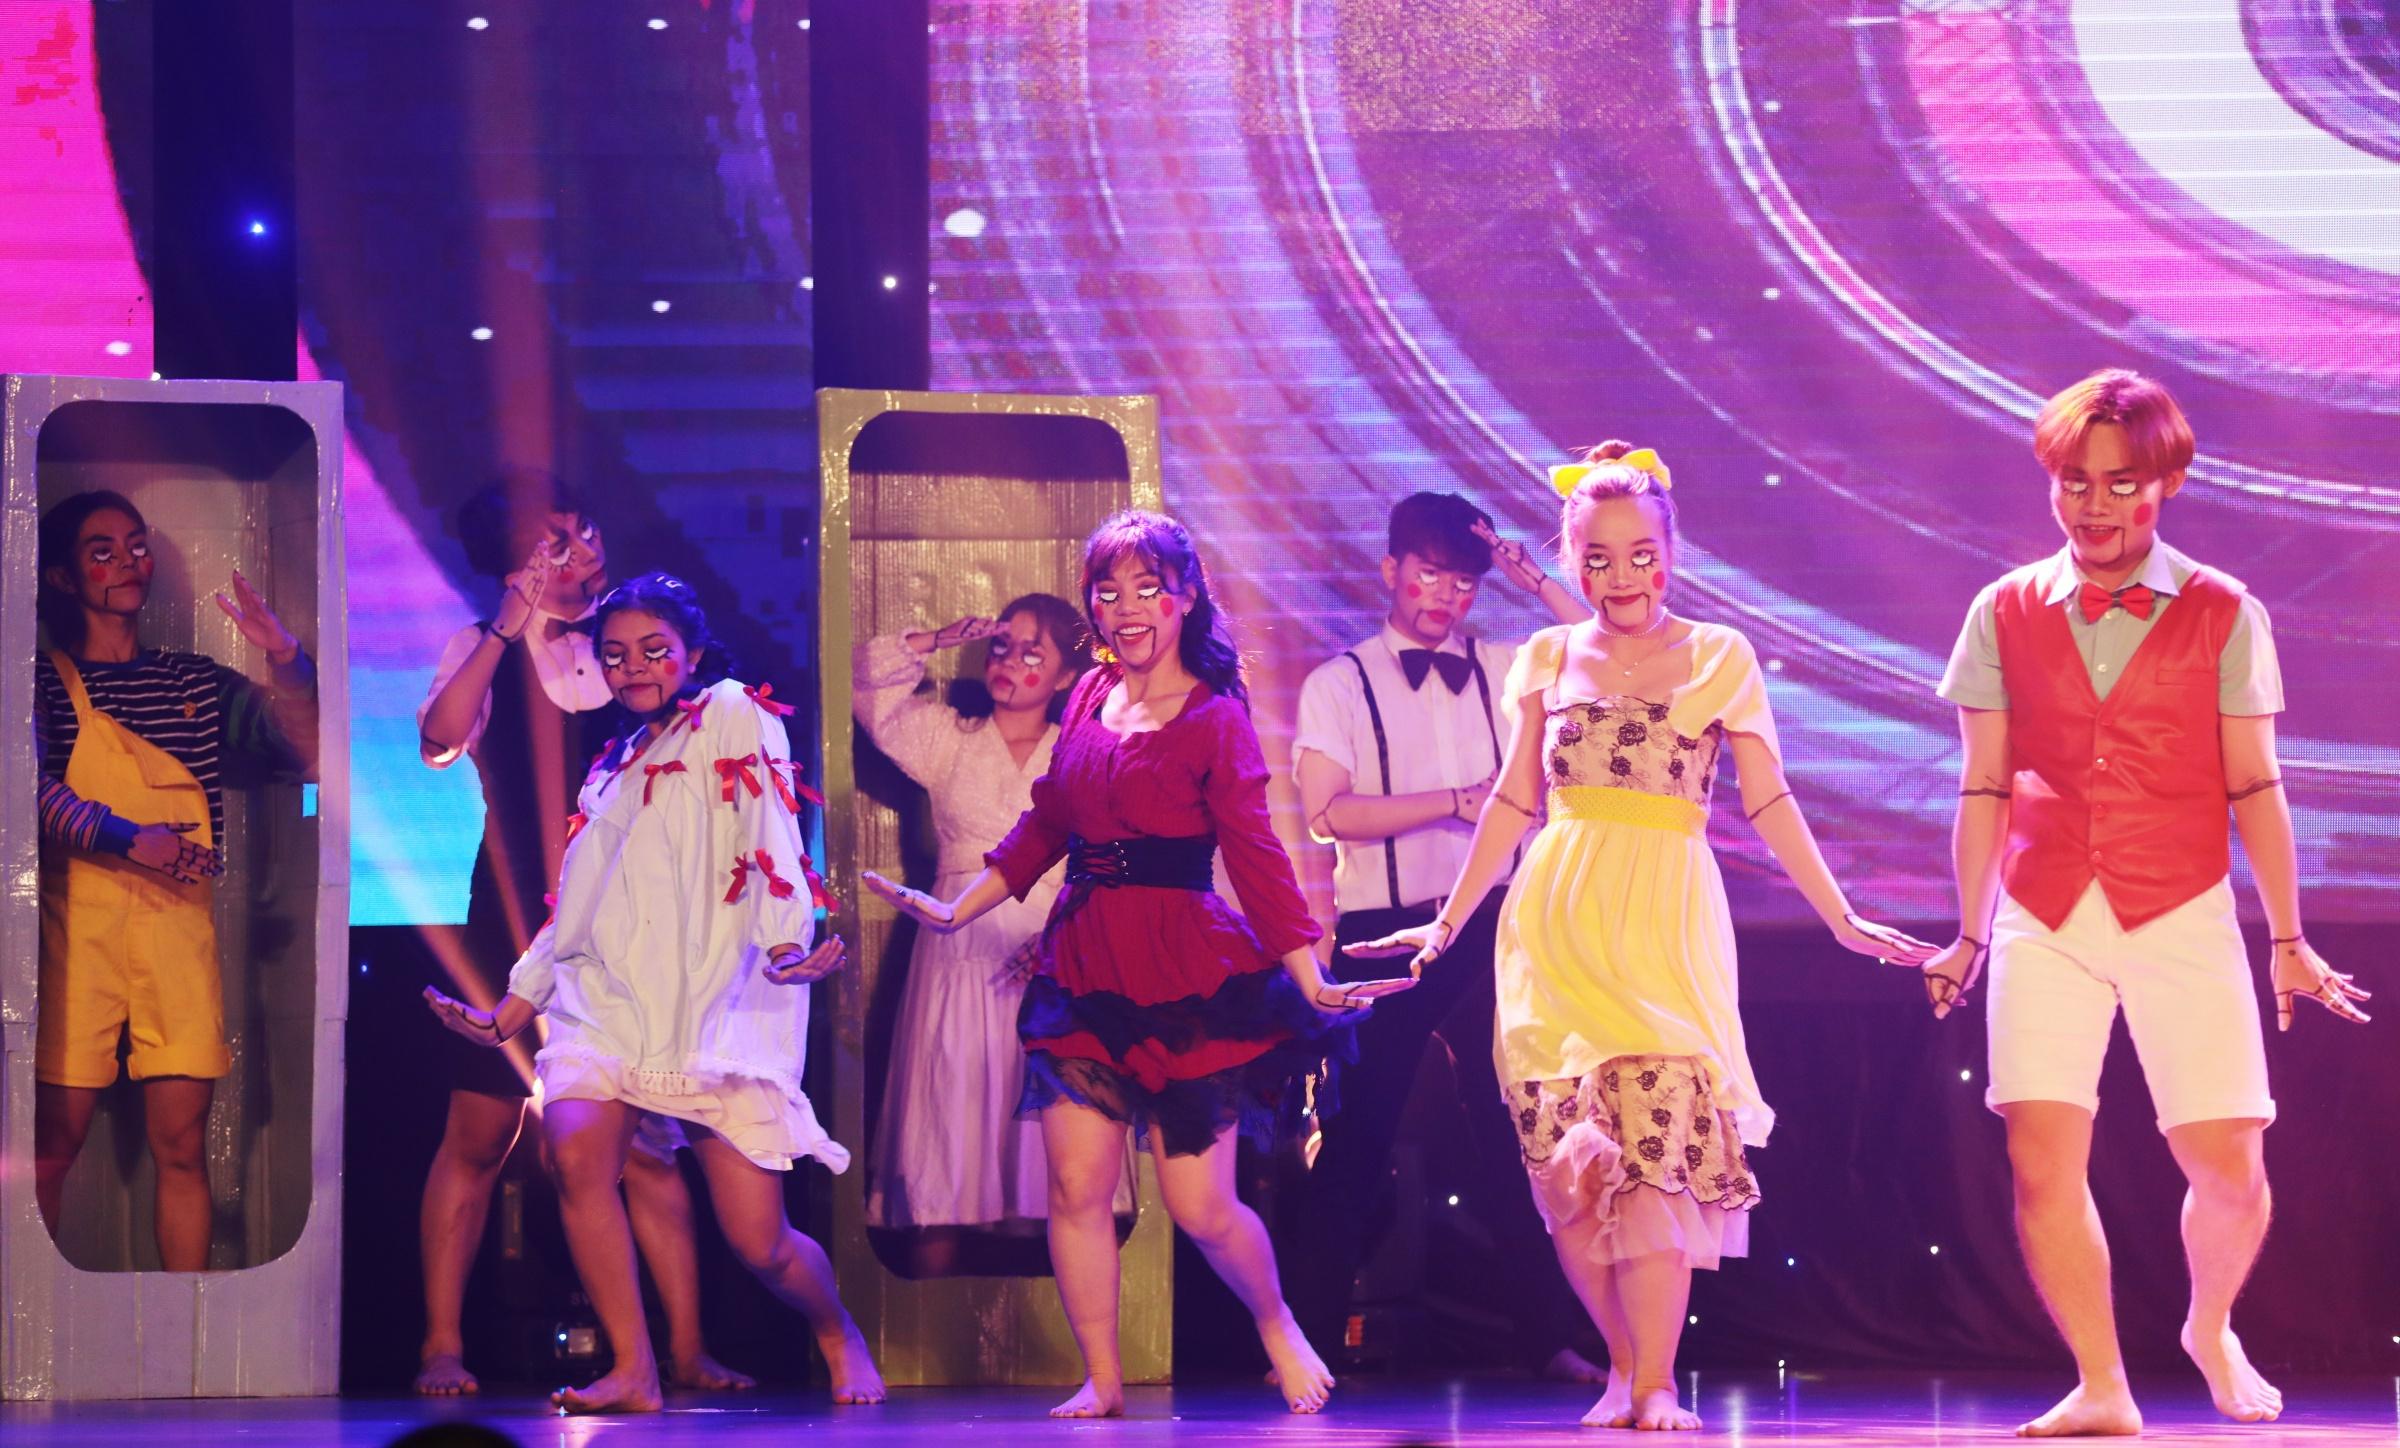 MAX Crew (Đại học Sài Gòn) được giám khảo nhận xét sáng tạo ở tiết mục Doll House, khi mang đến loạt đạo cụ là những hộp đựng búp bê. Dựa trên nền nhạc, vũ đạo của ba ca khúc nổi tiếng Hàn Quốc gồm: Roller coaster (ca sĩ Chungha), Alone (nhóm Sistar) và You drive me crazy - hit một thời của nhóm T-ara, MAX Crew biến tấu theo phong cách sôi động và mang hơi hướng ma mị.  Nhóm chăm chút kỹ từ trang phục đến make-up, kết hợp cùng hiệu ứng âm thanh, ánh sáng. Diễn xuất và biểu cảm của nhân vật nam chính trong tiết mục cũng khiến khán giả bất ngờ.